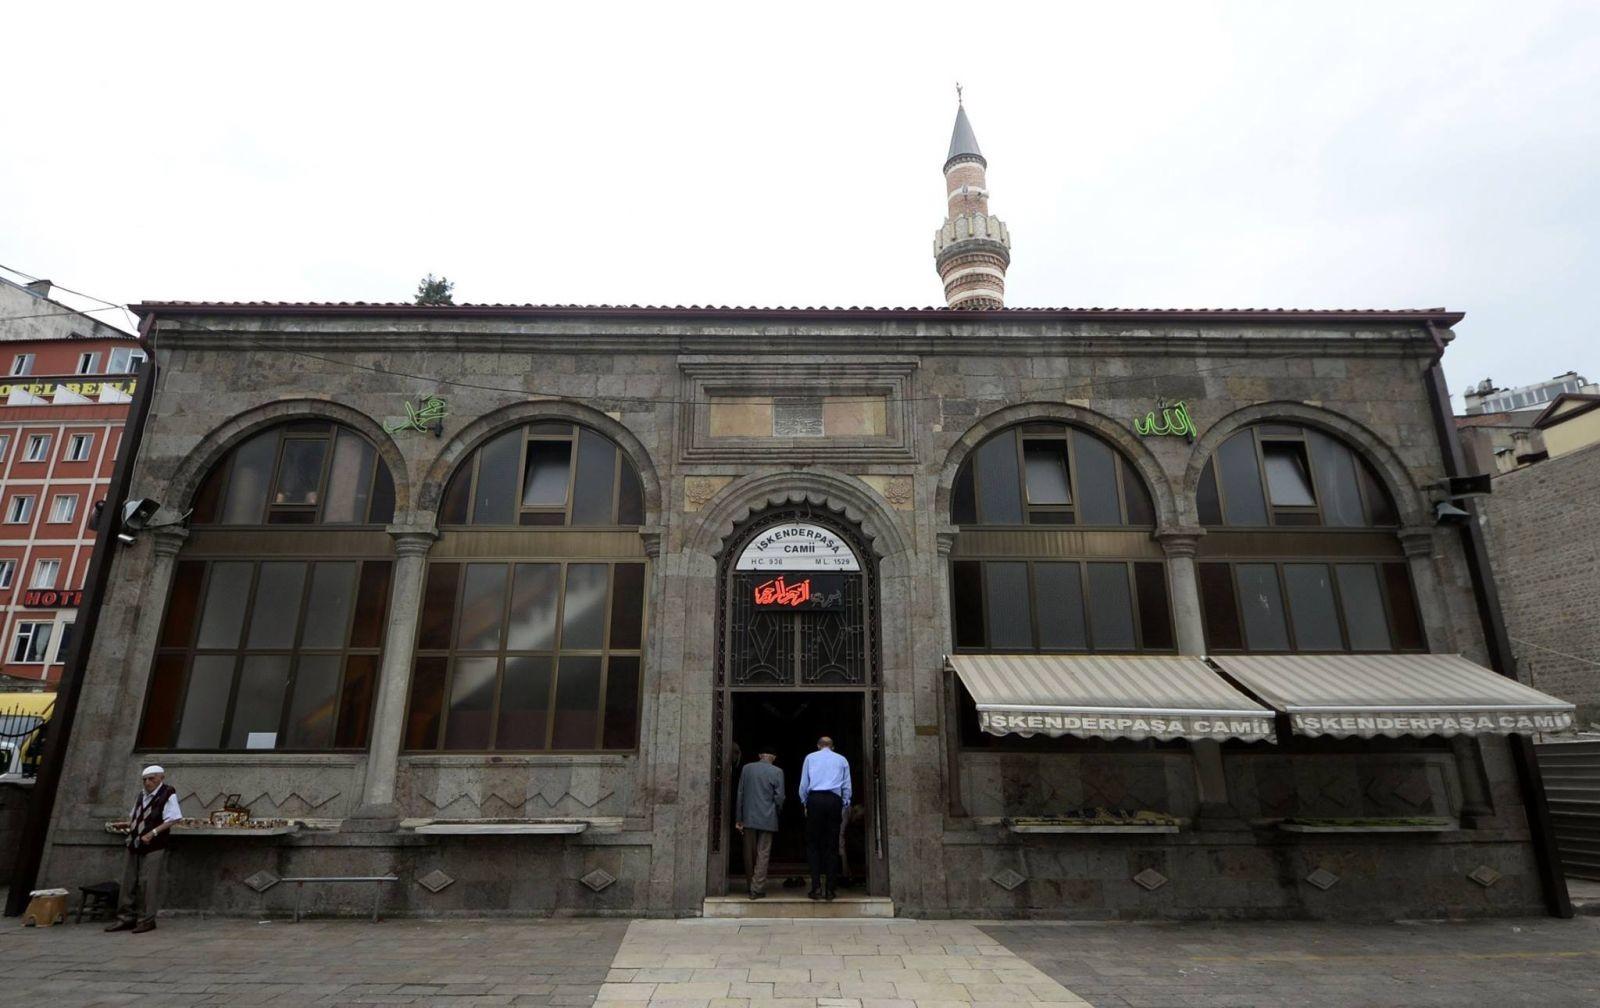 مسجد اسکندر پاشا